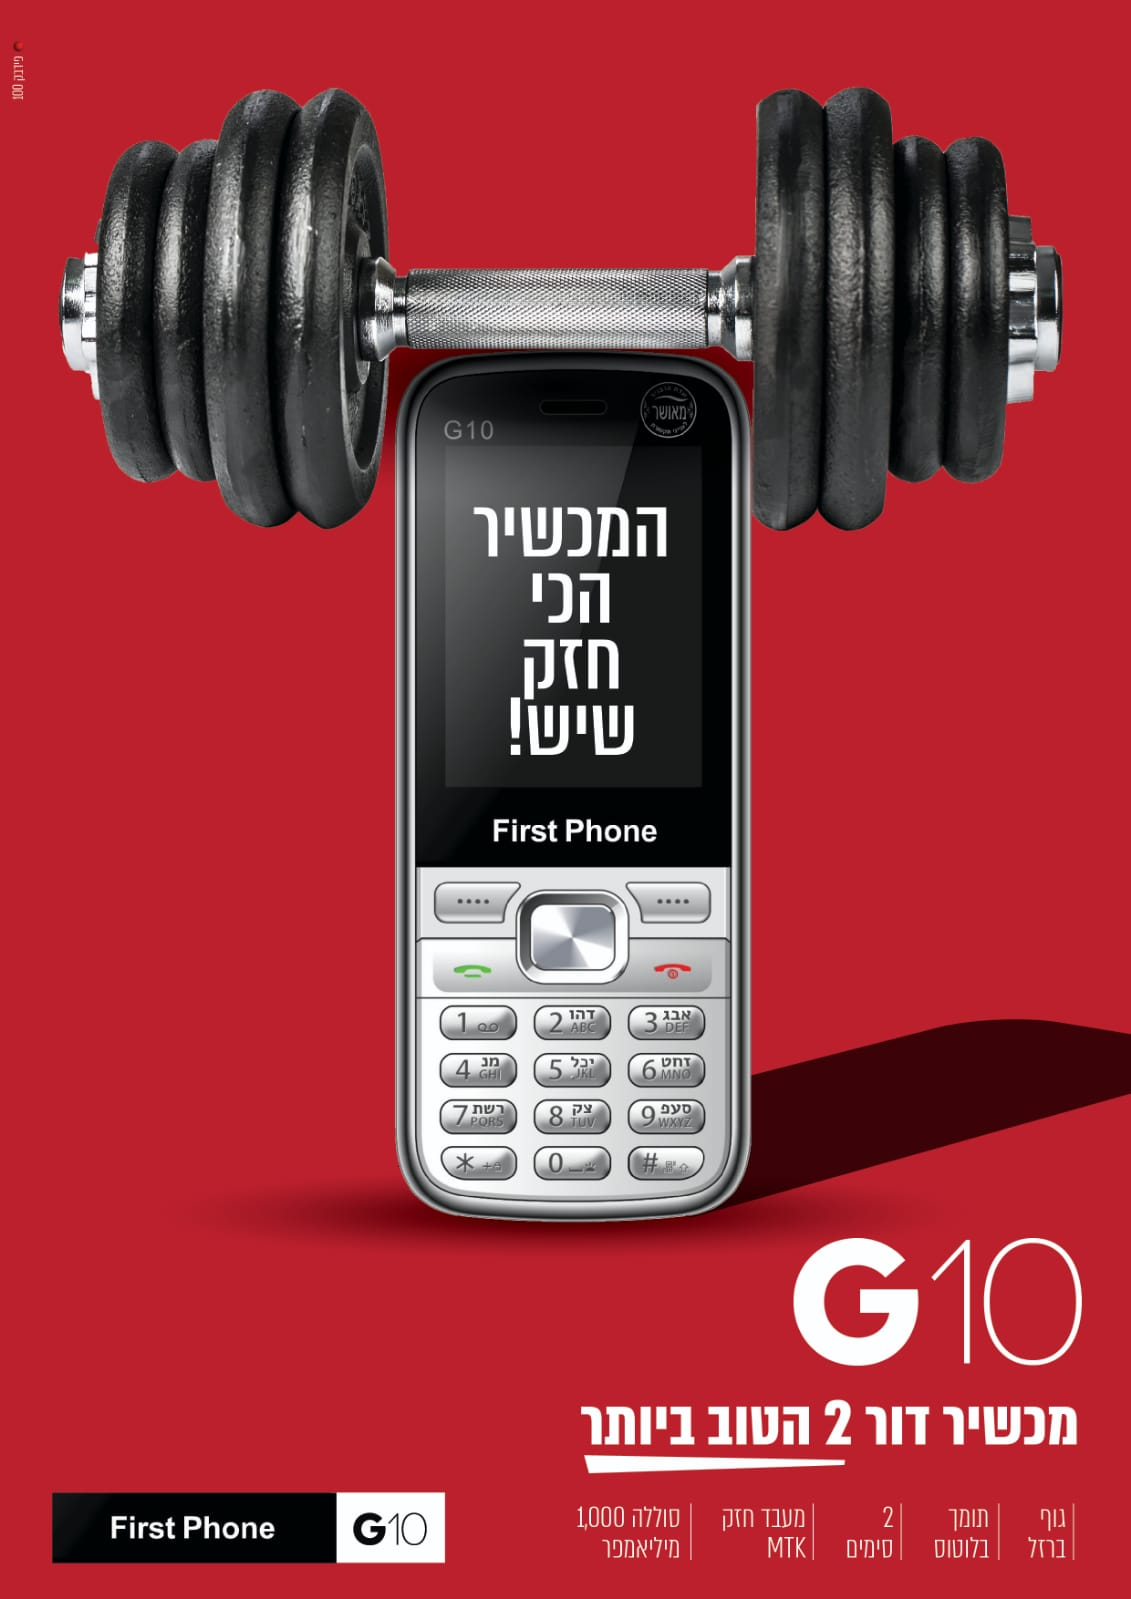 מבצע חם! מכשיר כשר מאושר First Phone G10 ממתכת  חזק במיוחד!  משלוח חינם